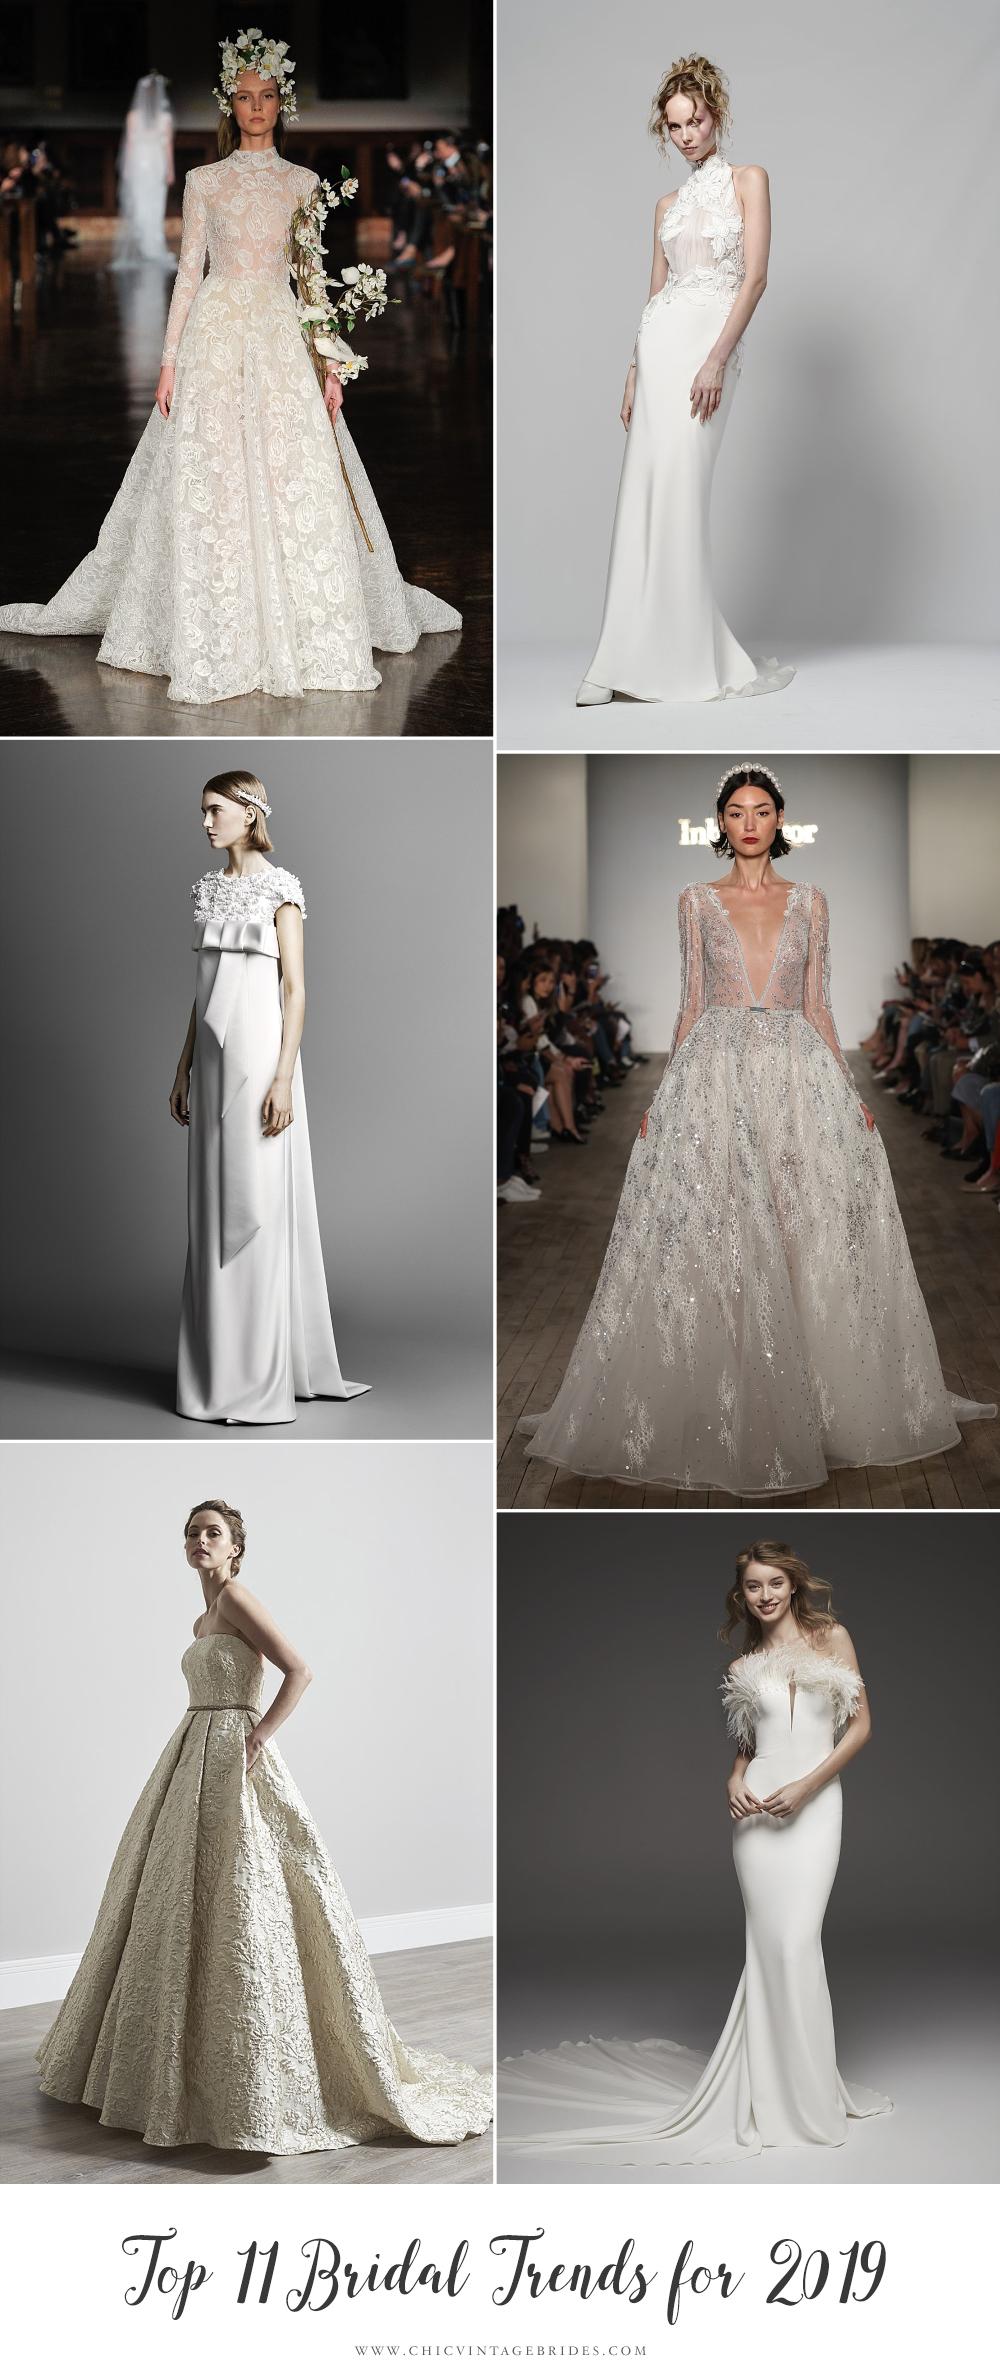 Top 2019 Bridal Trends